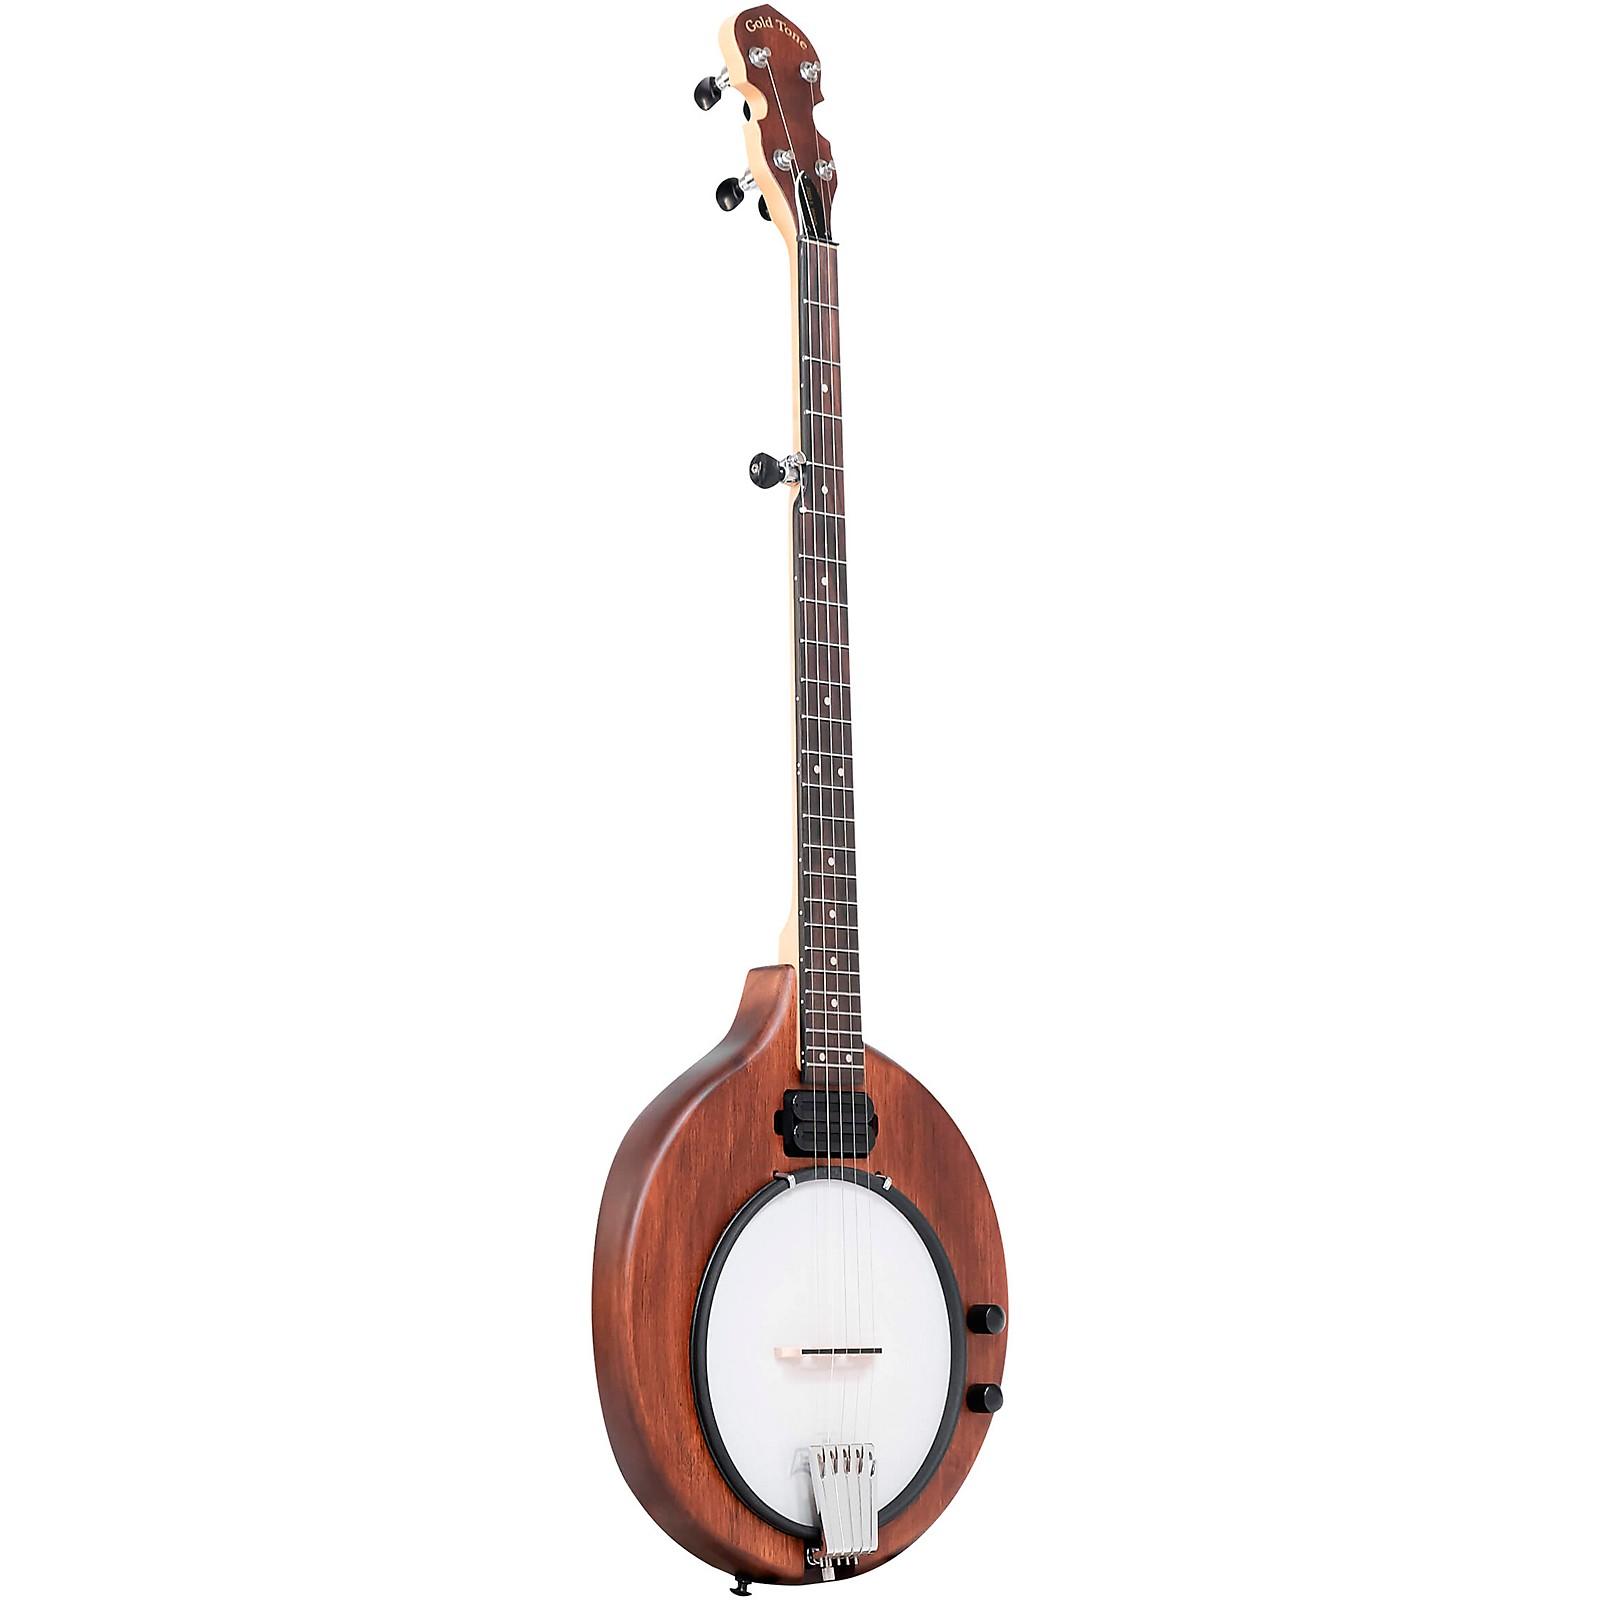 Gold Tone EB-5 Electric Banjo